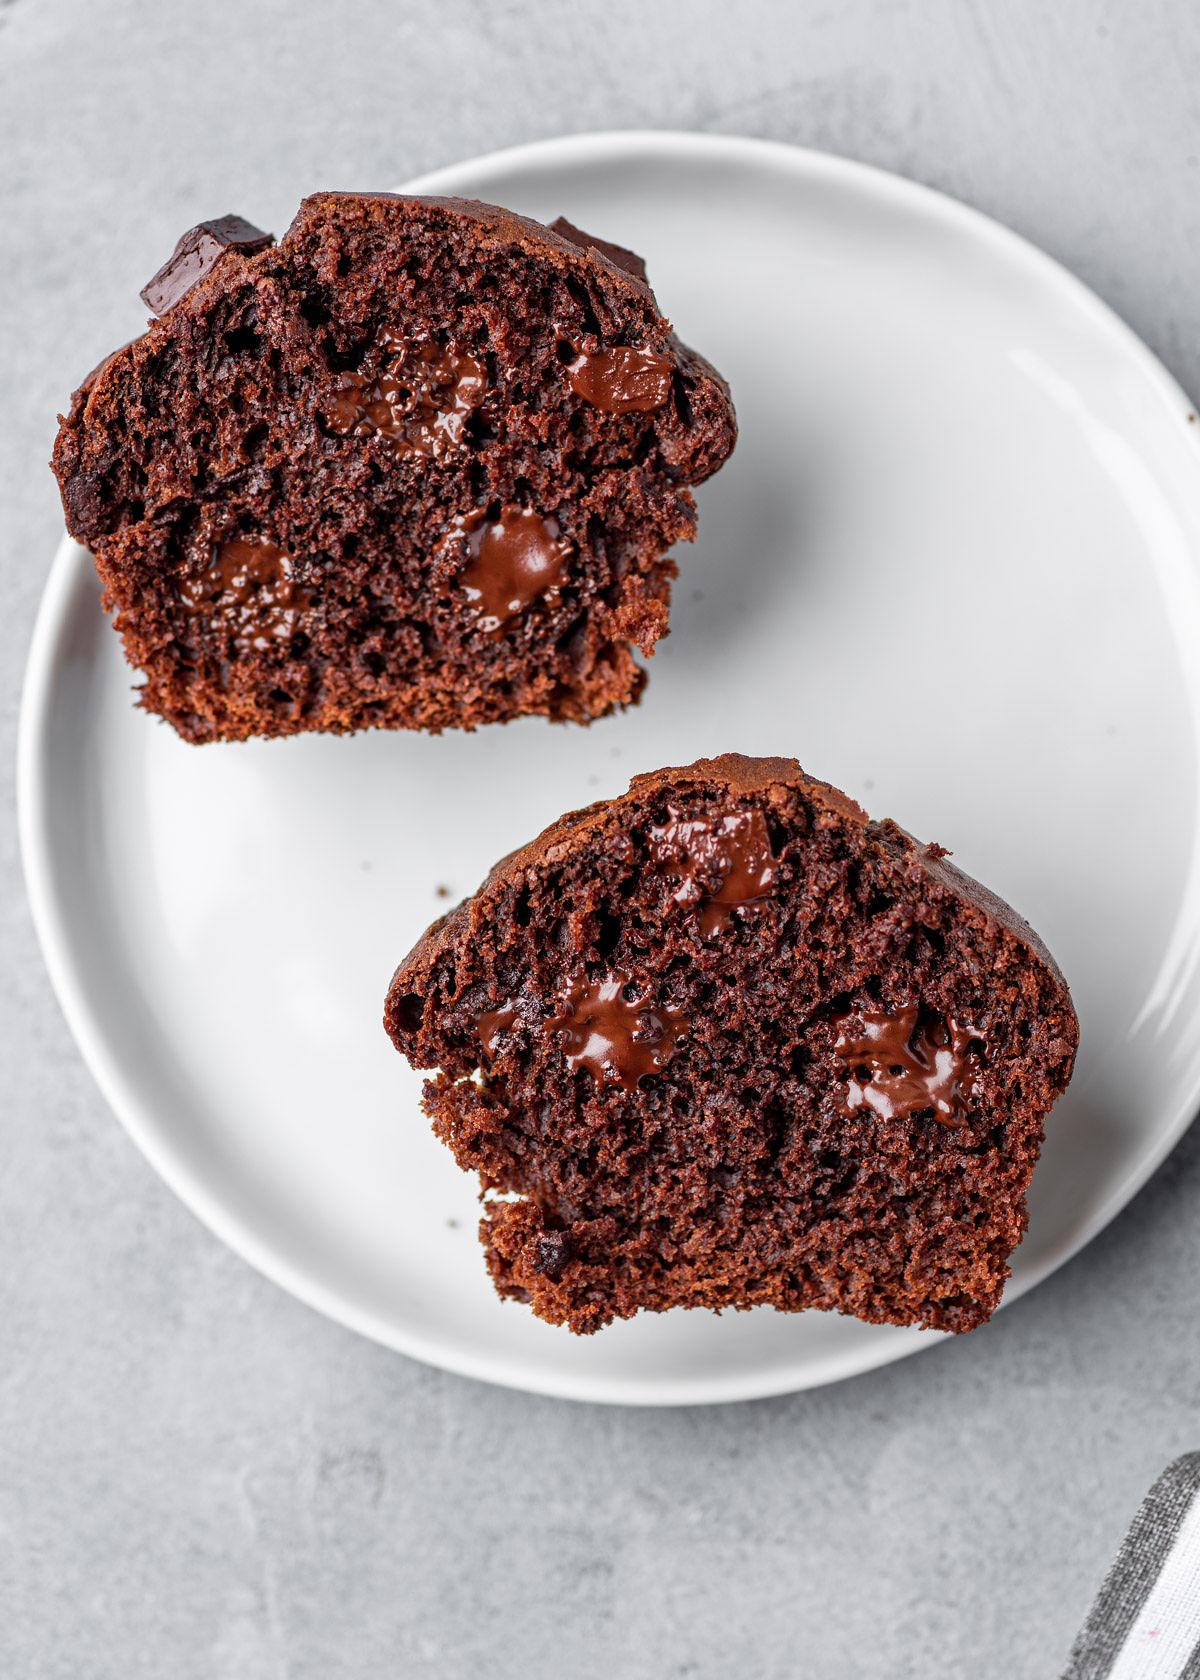 Rozkrojený čokoládový muffin na bílém talíři